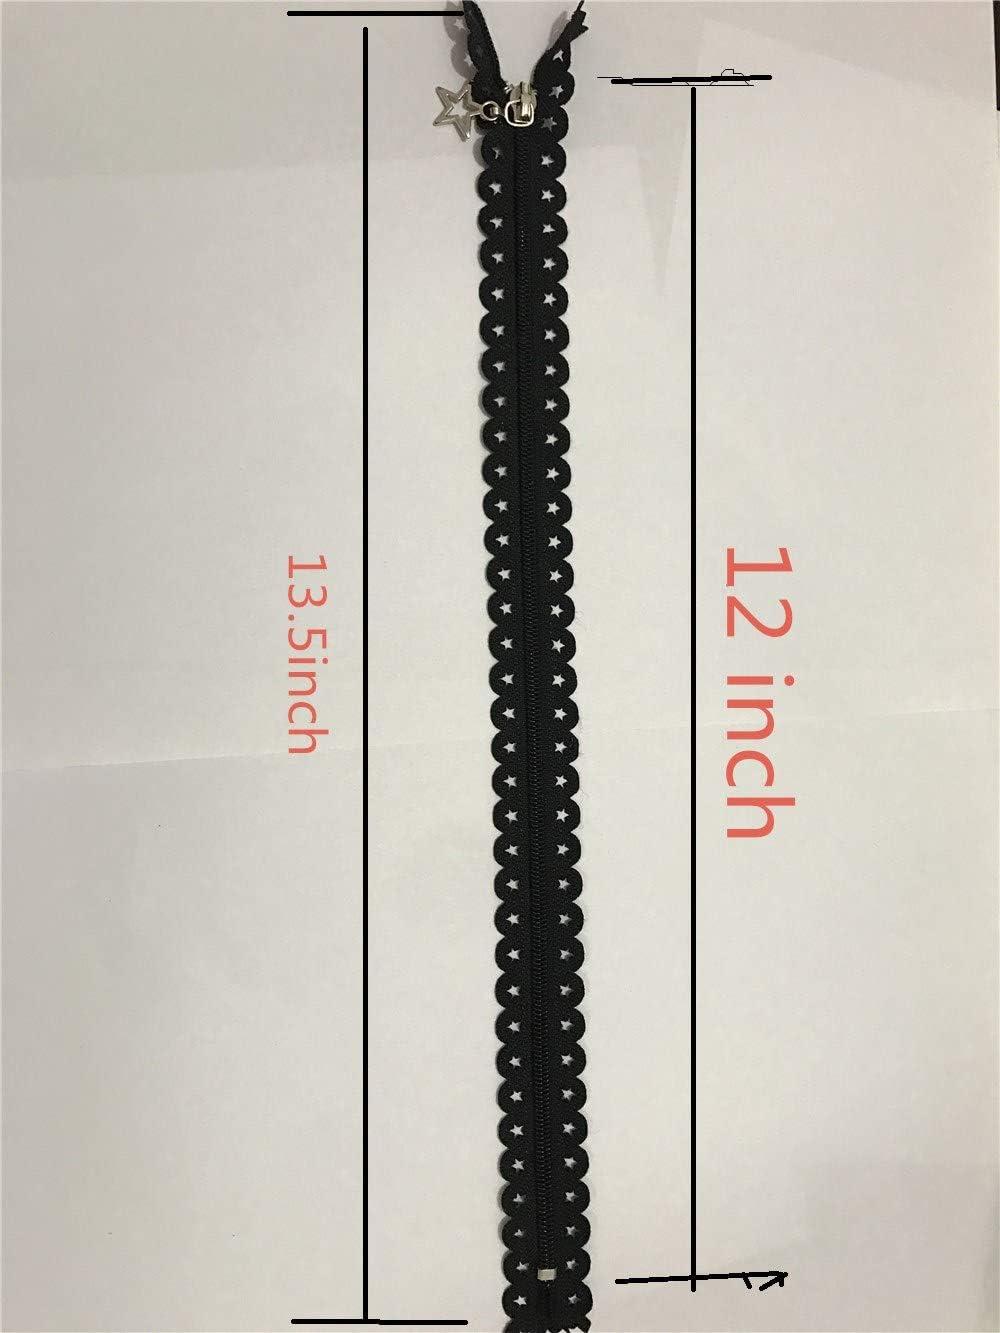 Cerniere su nastro in nylon sartoria sacchi a pelo per fai da te cucito a forma di stella WKXFJJWZC 30,5 cm